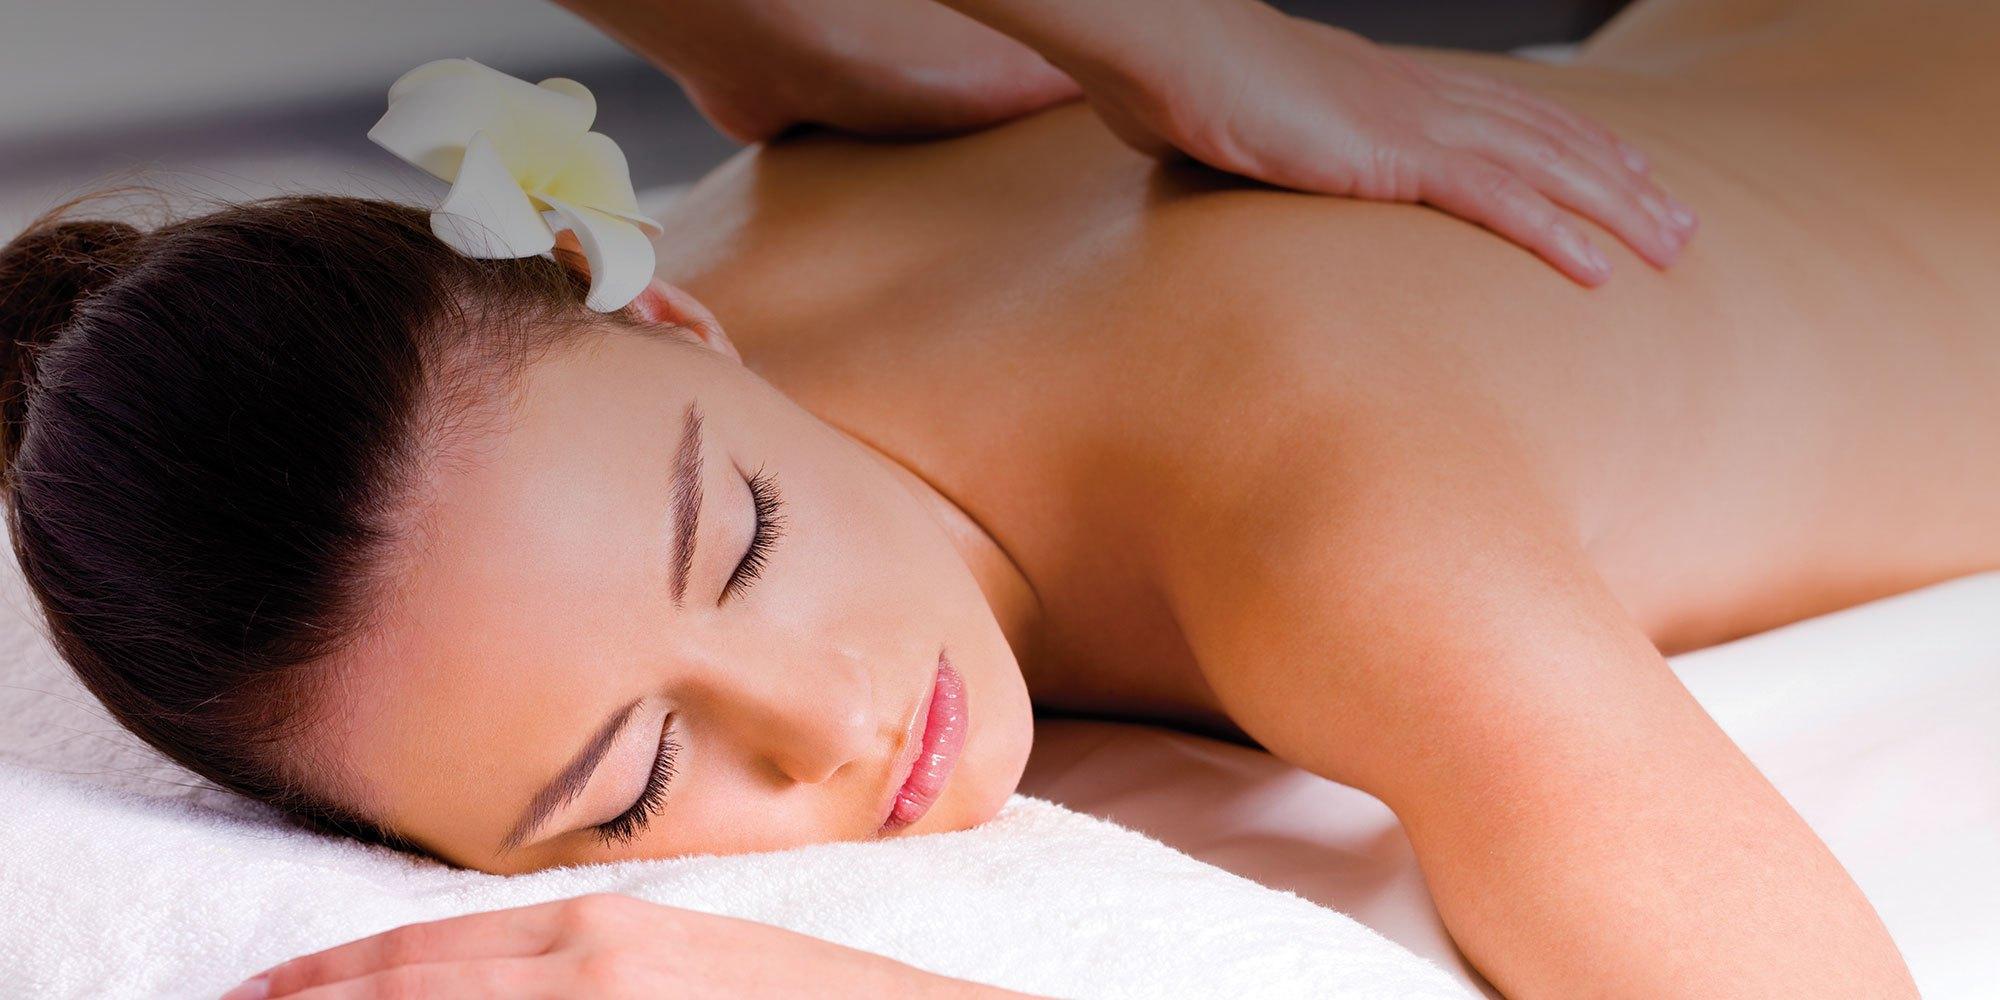 Somnuk Thai Massage Borlänge